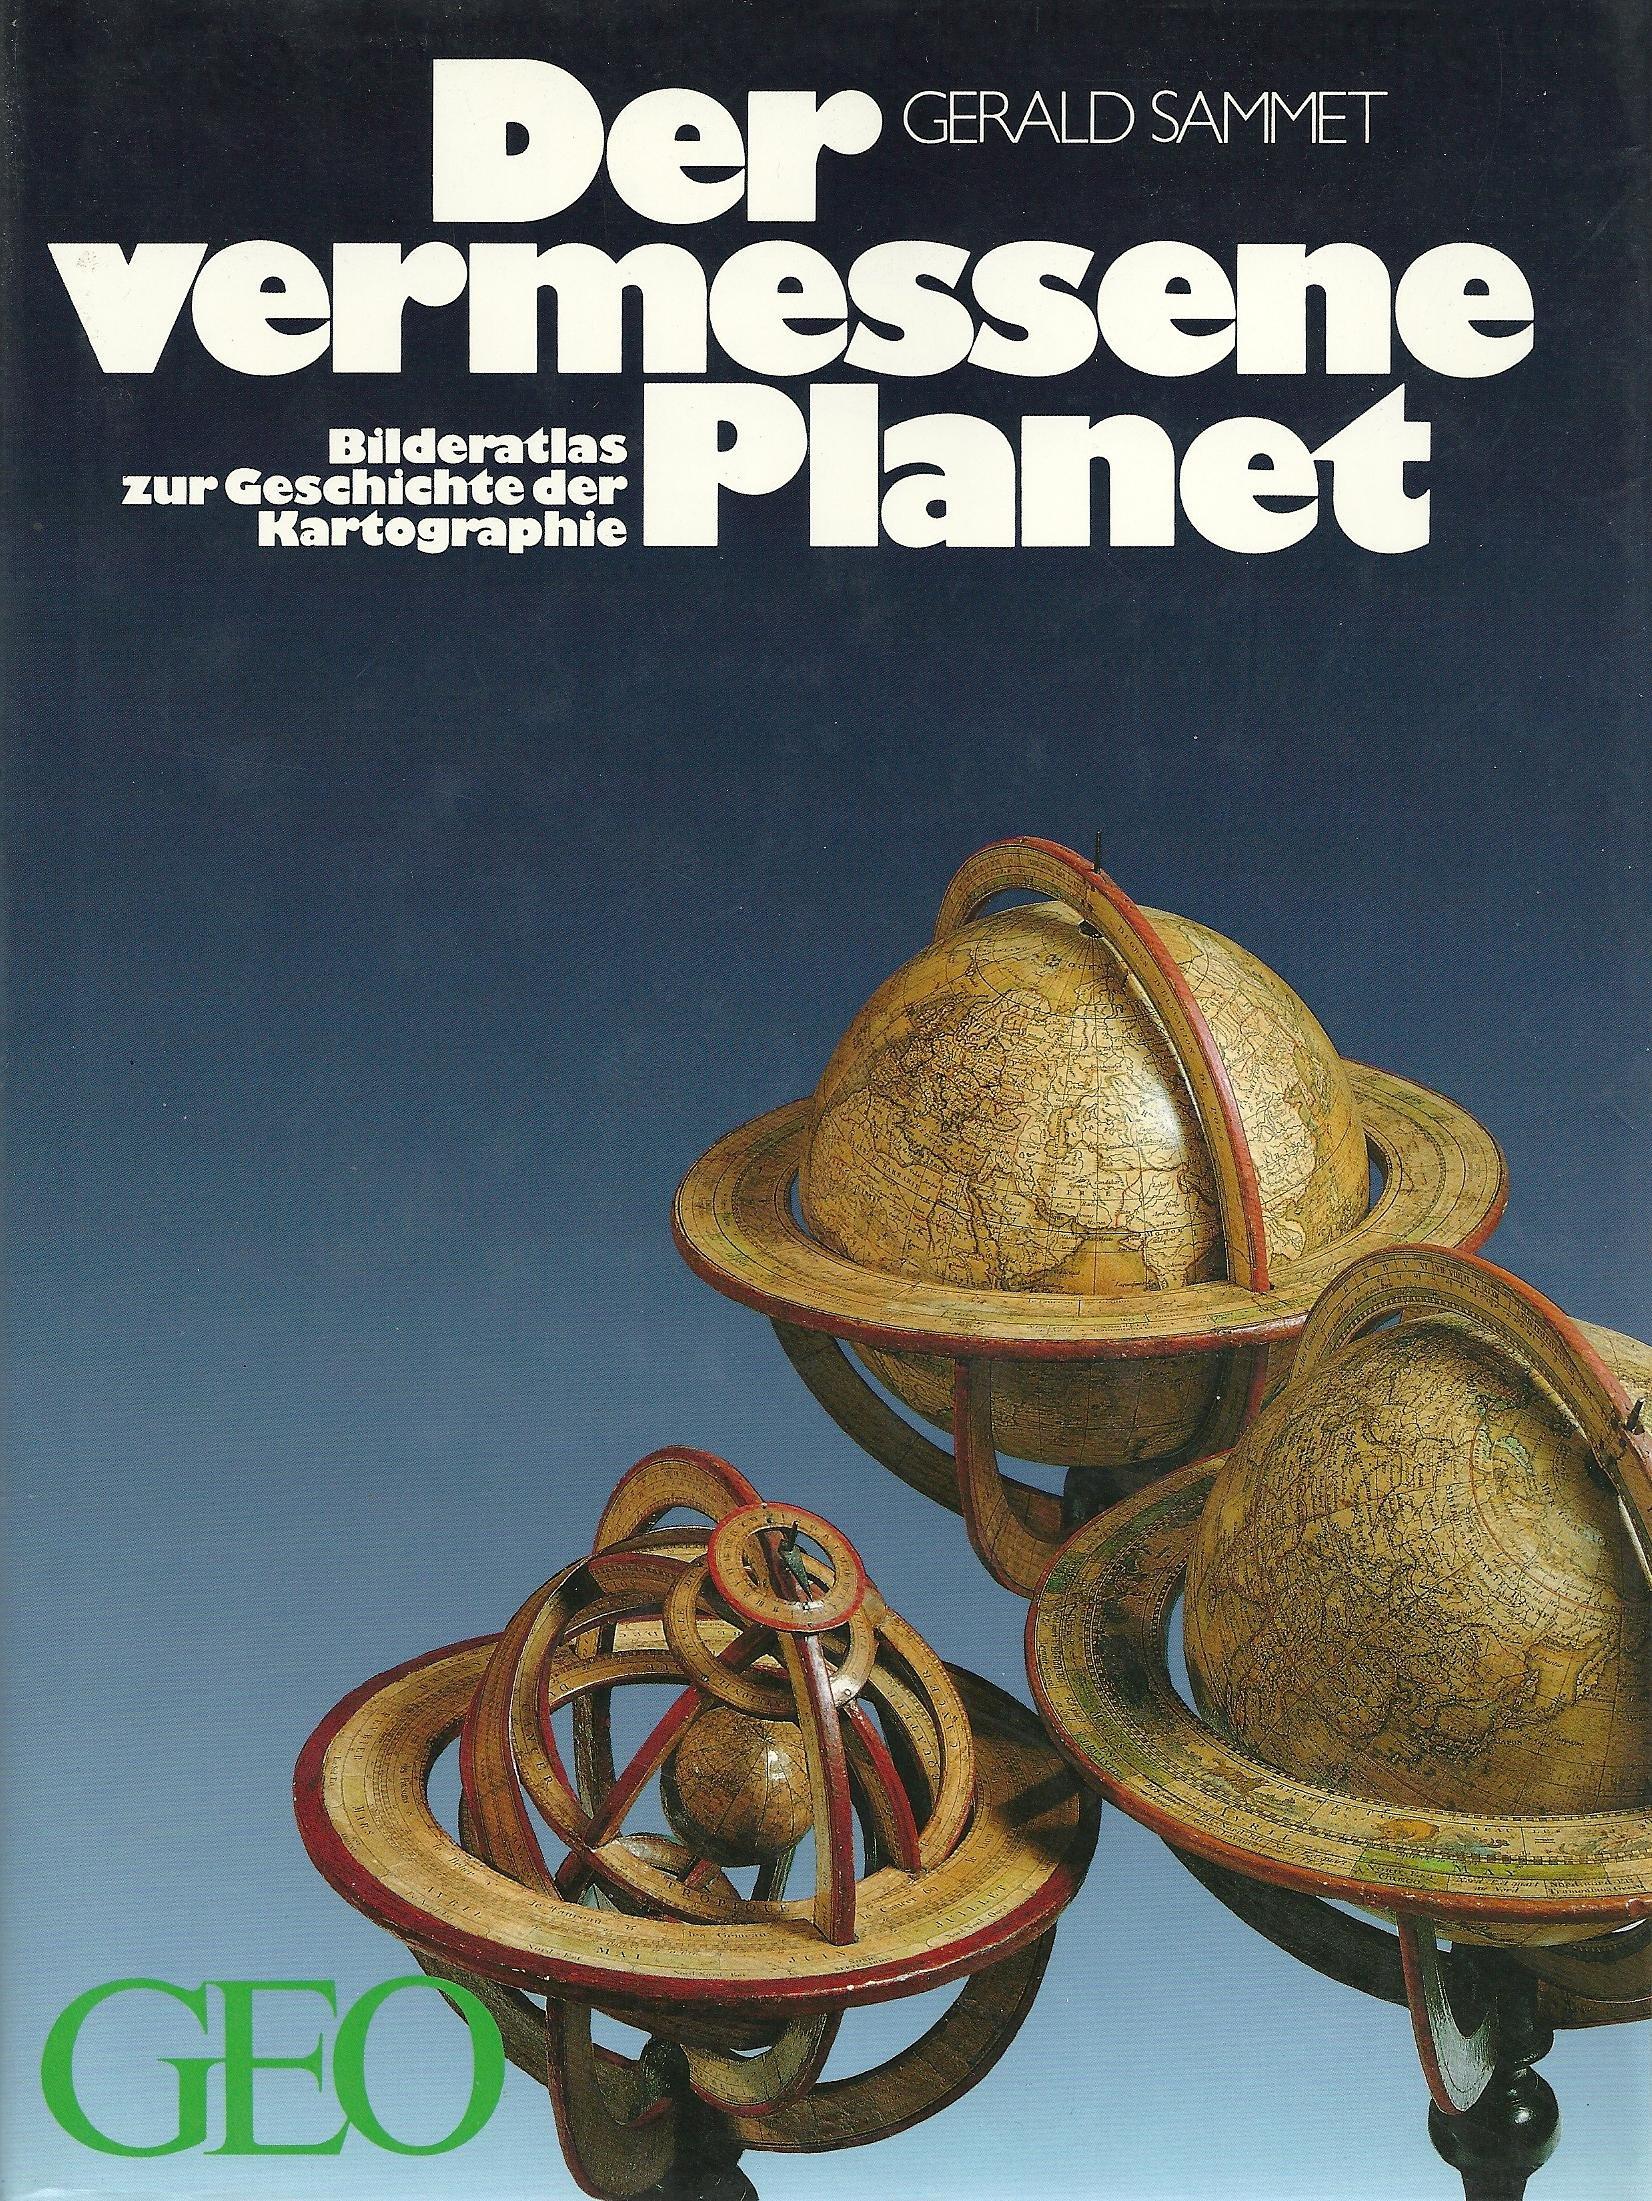 Der vermessene Planet: Bildatlas zur Geschichte der Kartographie (Bücher von GEO)